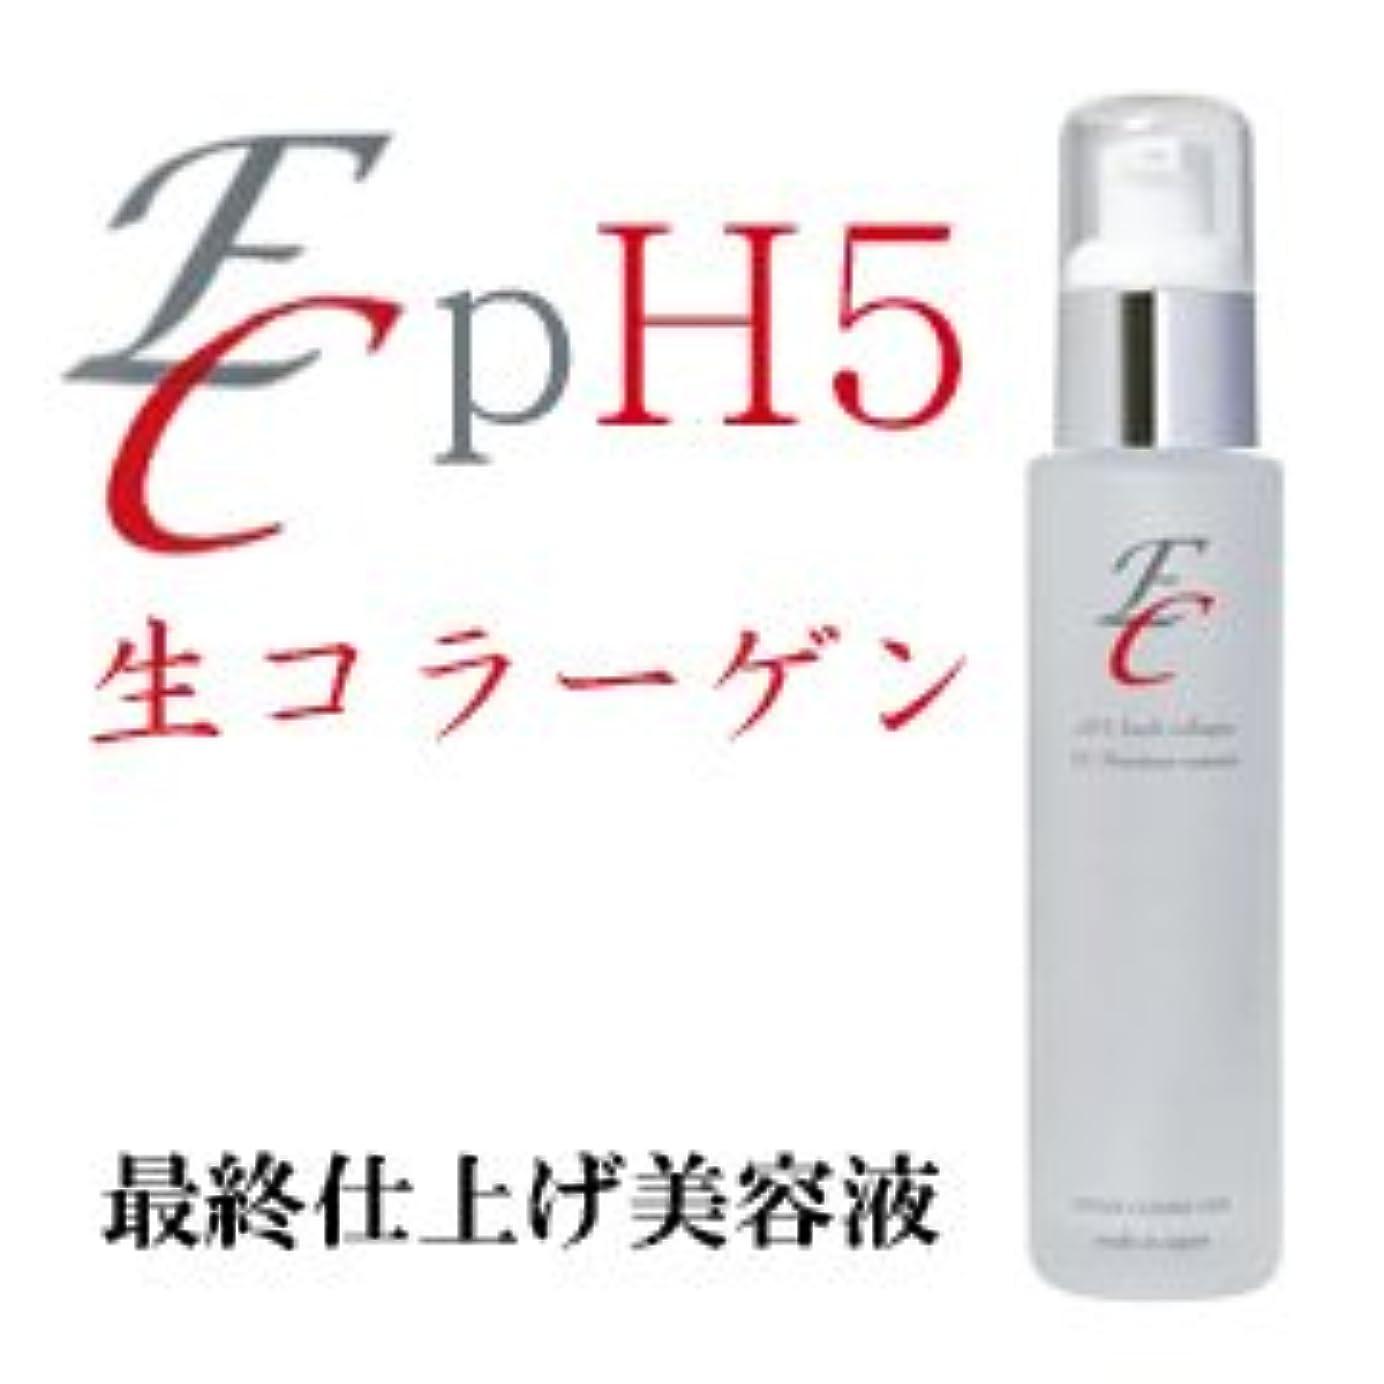 性的デュアル作る生コラーゲン 美容液 【EC pH5生コラーゲン】